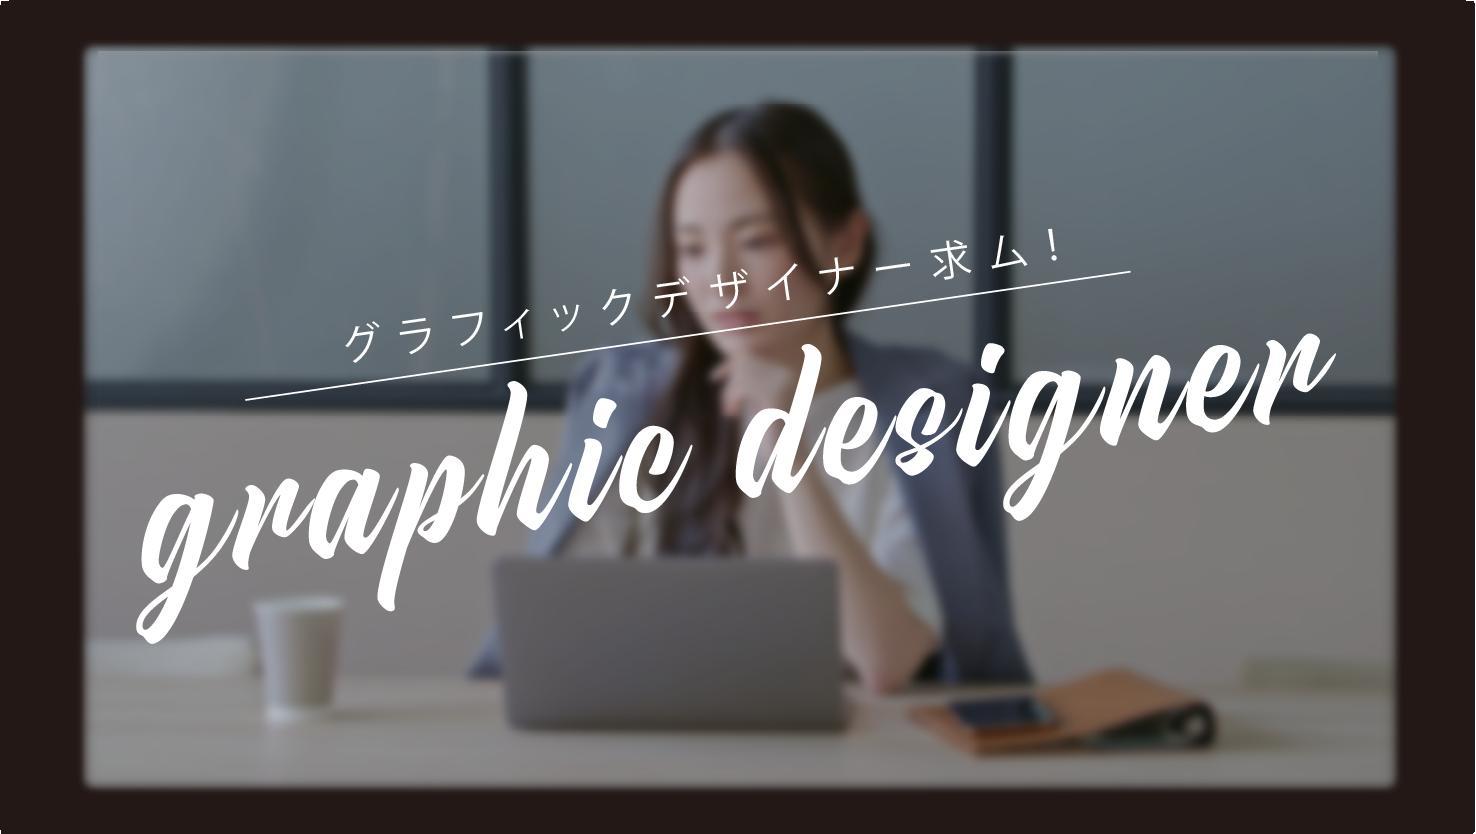 【業務委託/週2-3】グラフィックデザイナーのプロ募集!空間全体を演出するクリエイティブカンパニー